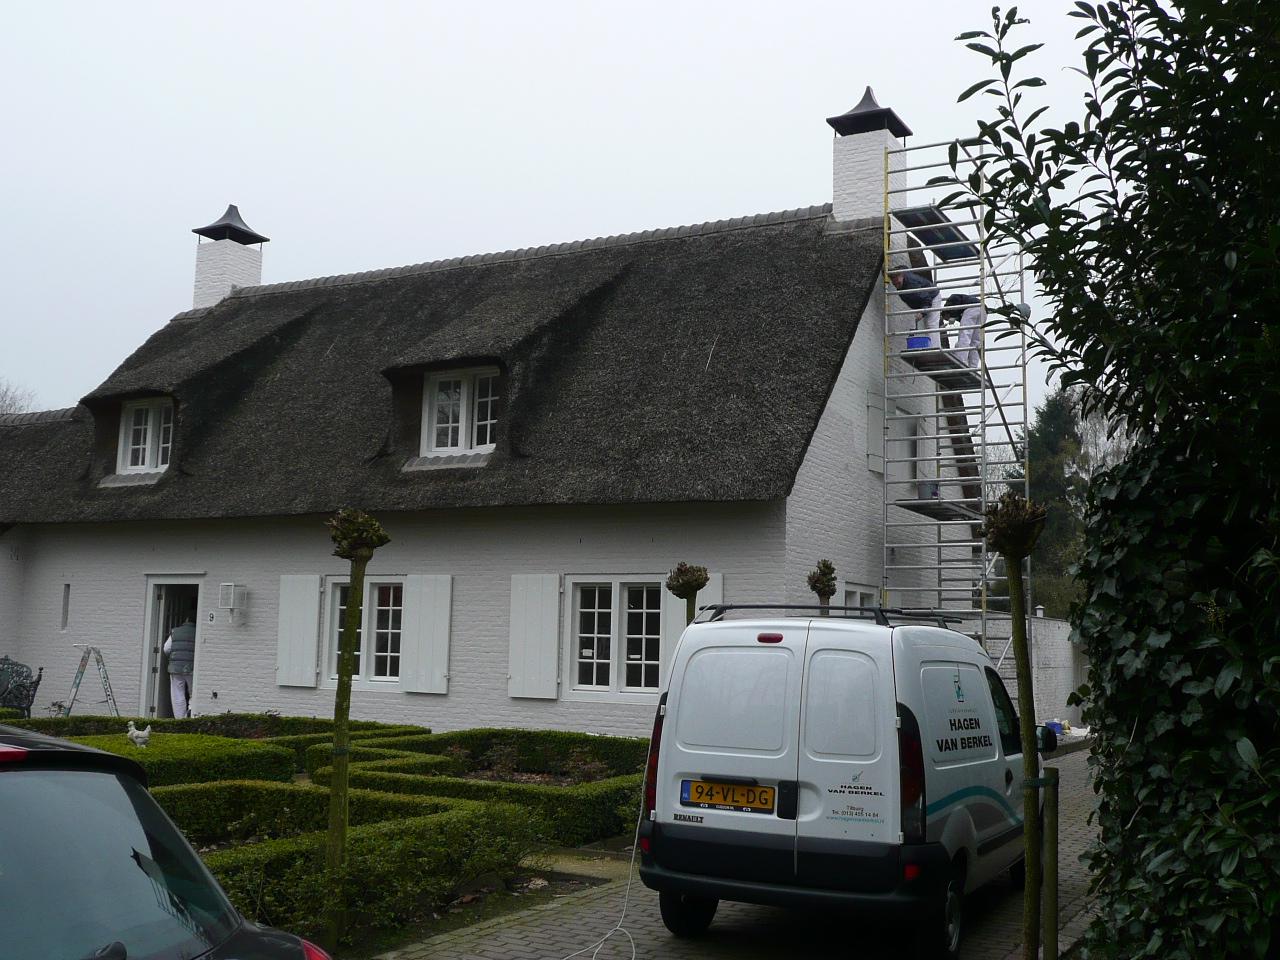 hagen-van-berkel-schilder-werk-riel-6